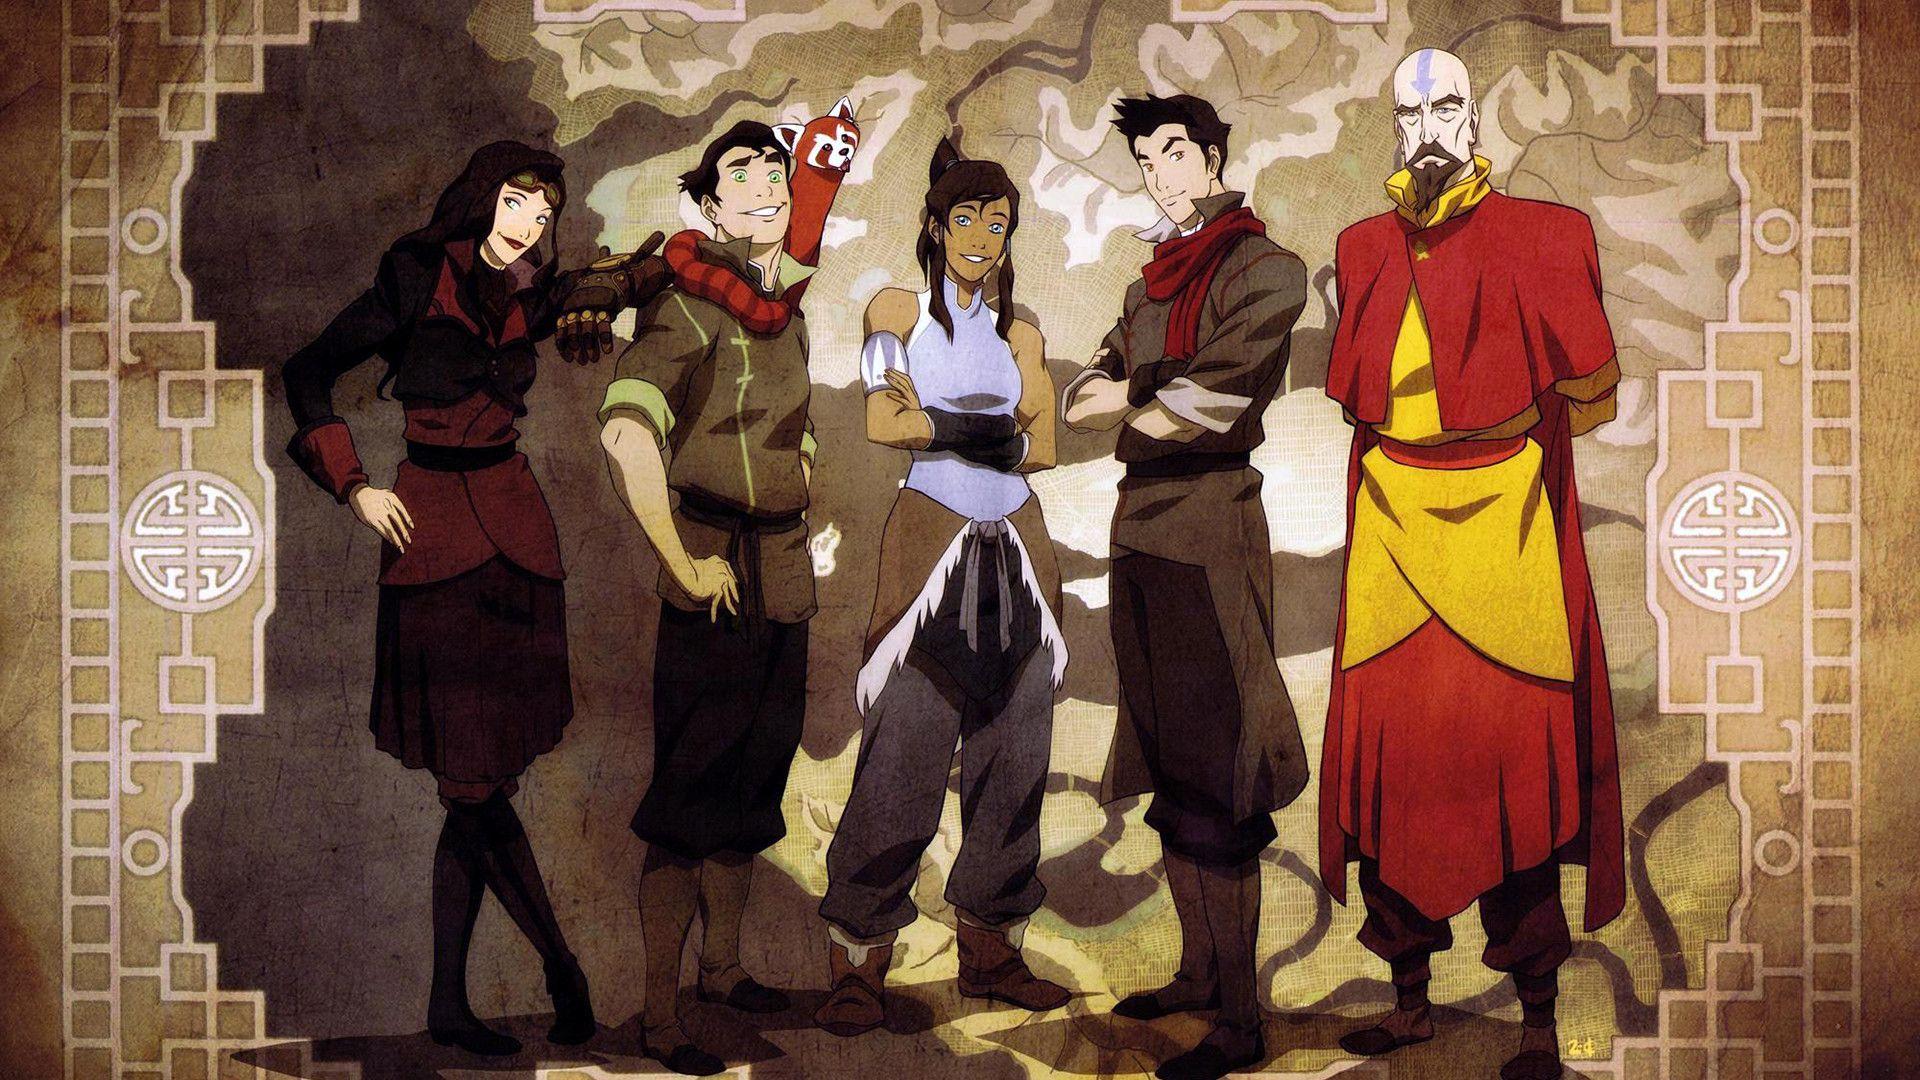 Anime Avatar The Legend Of Korra Wallpaper Avatar The Last